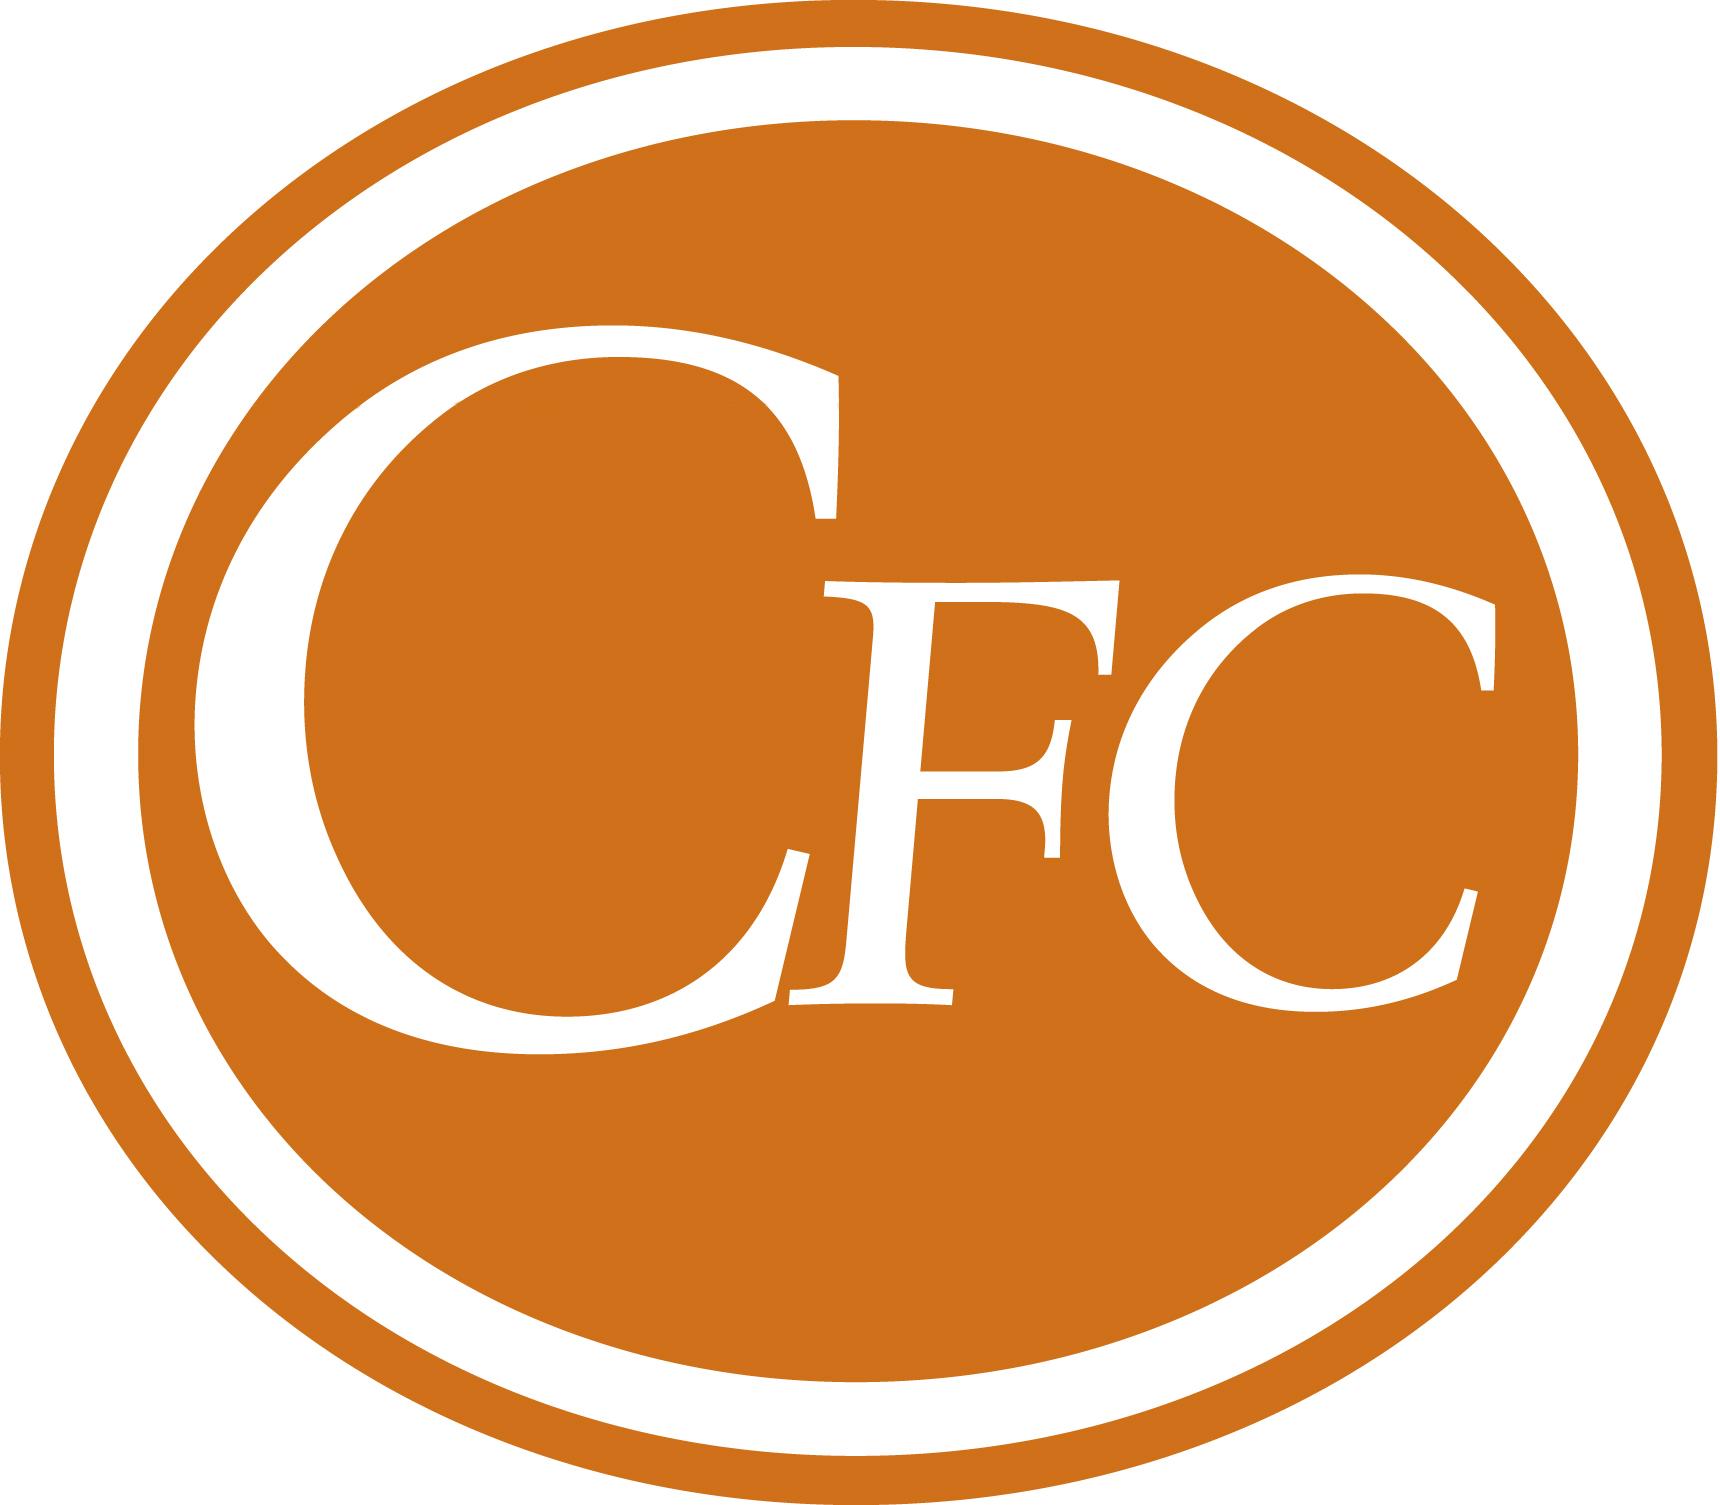 CFCLogo_color.jpg